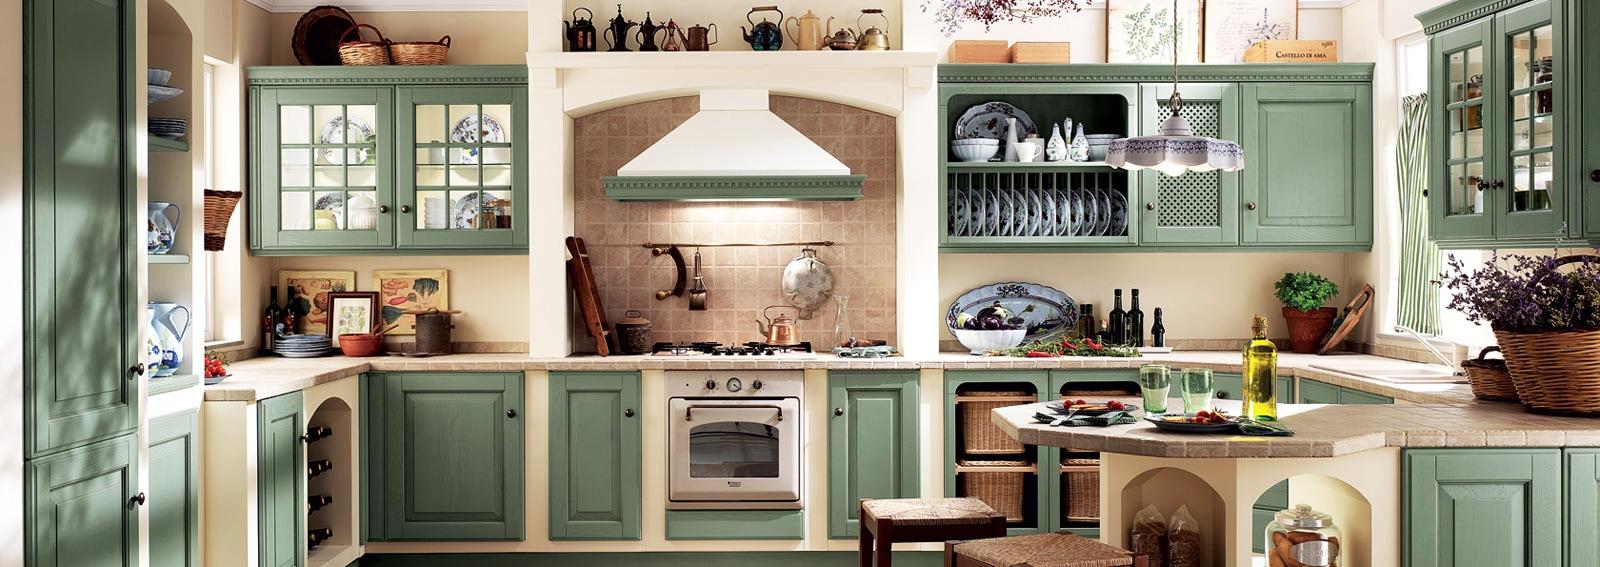 Cucine in muratura classiche rustiche e country - Cucine country in muratura ...